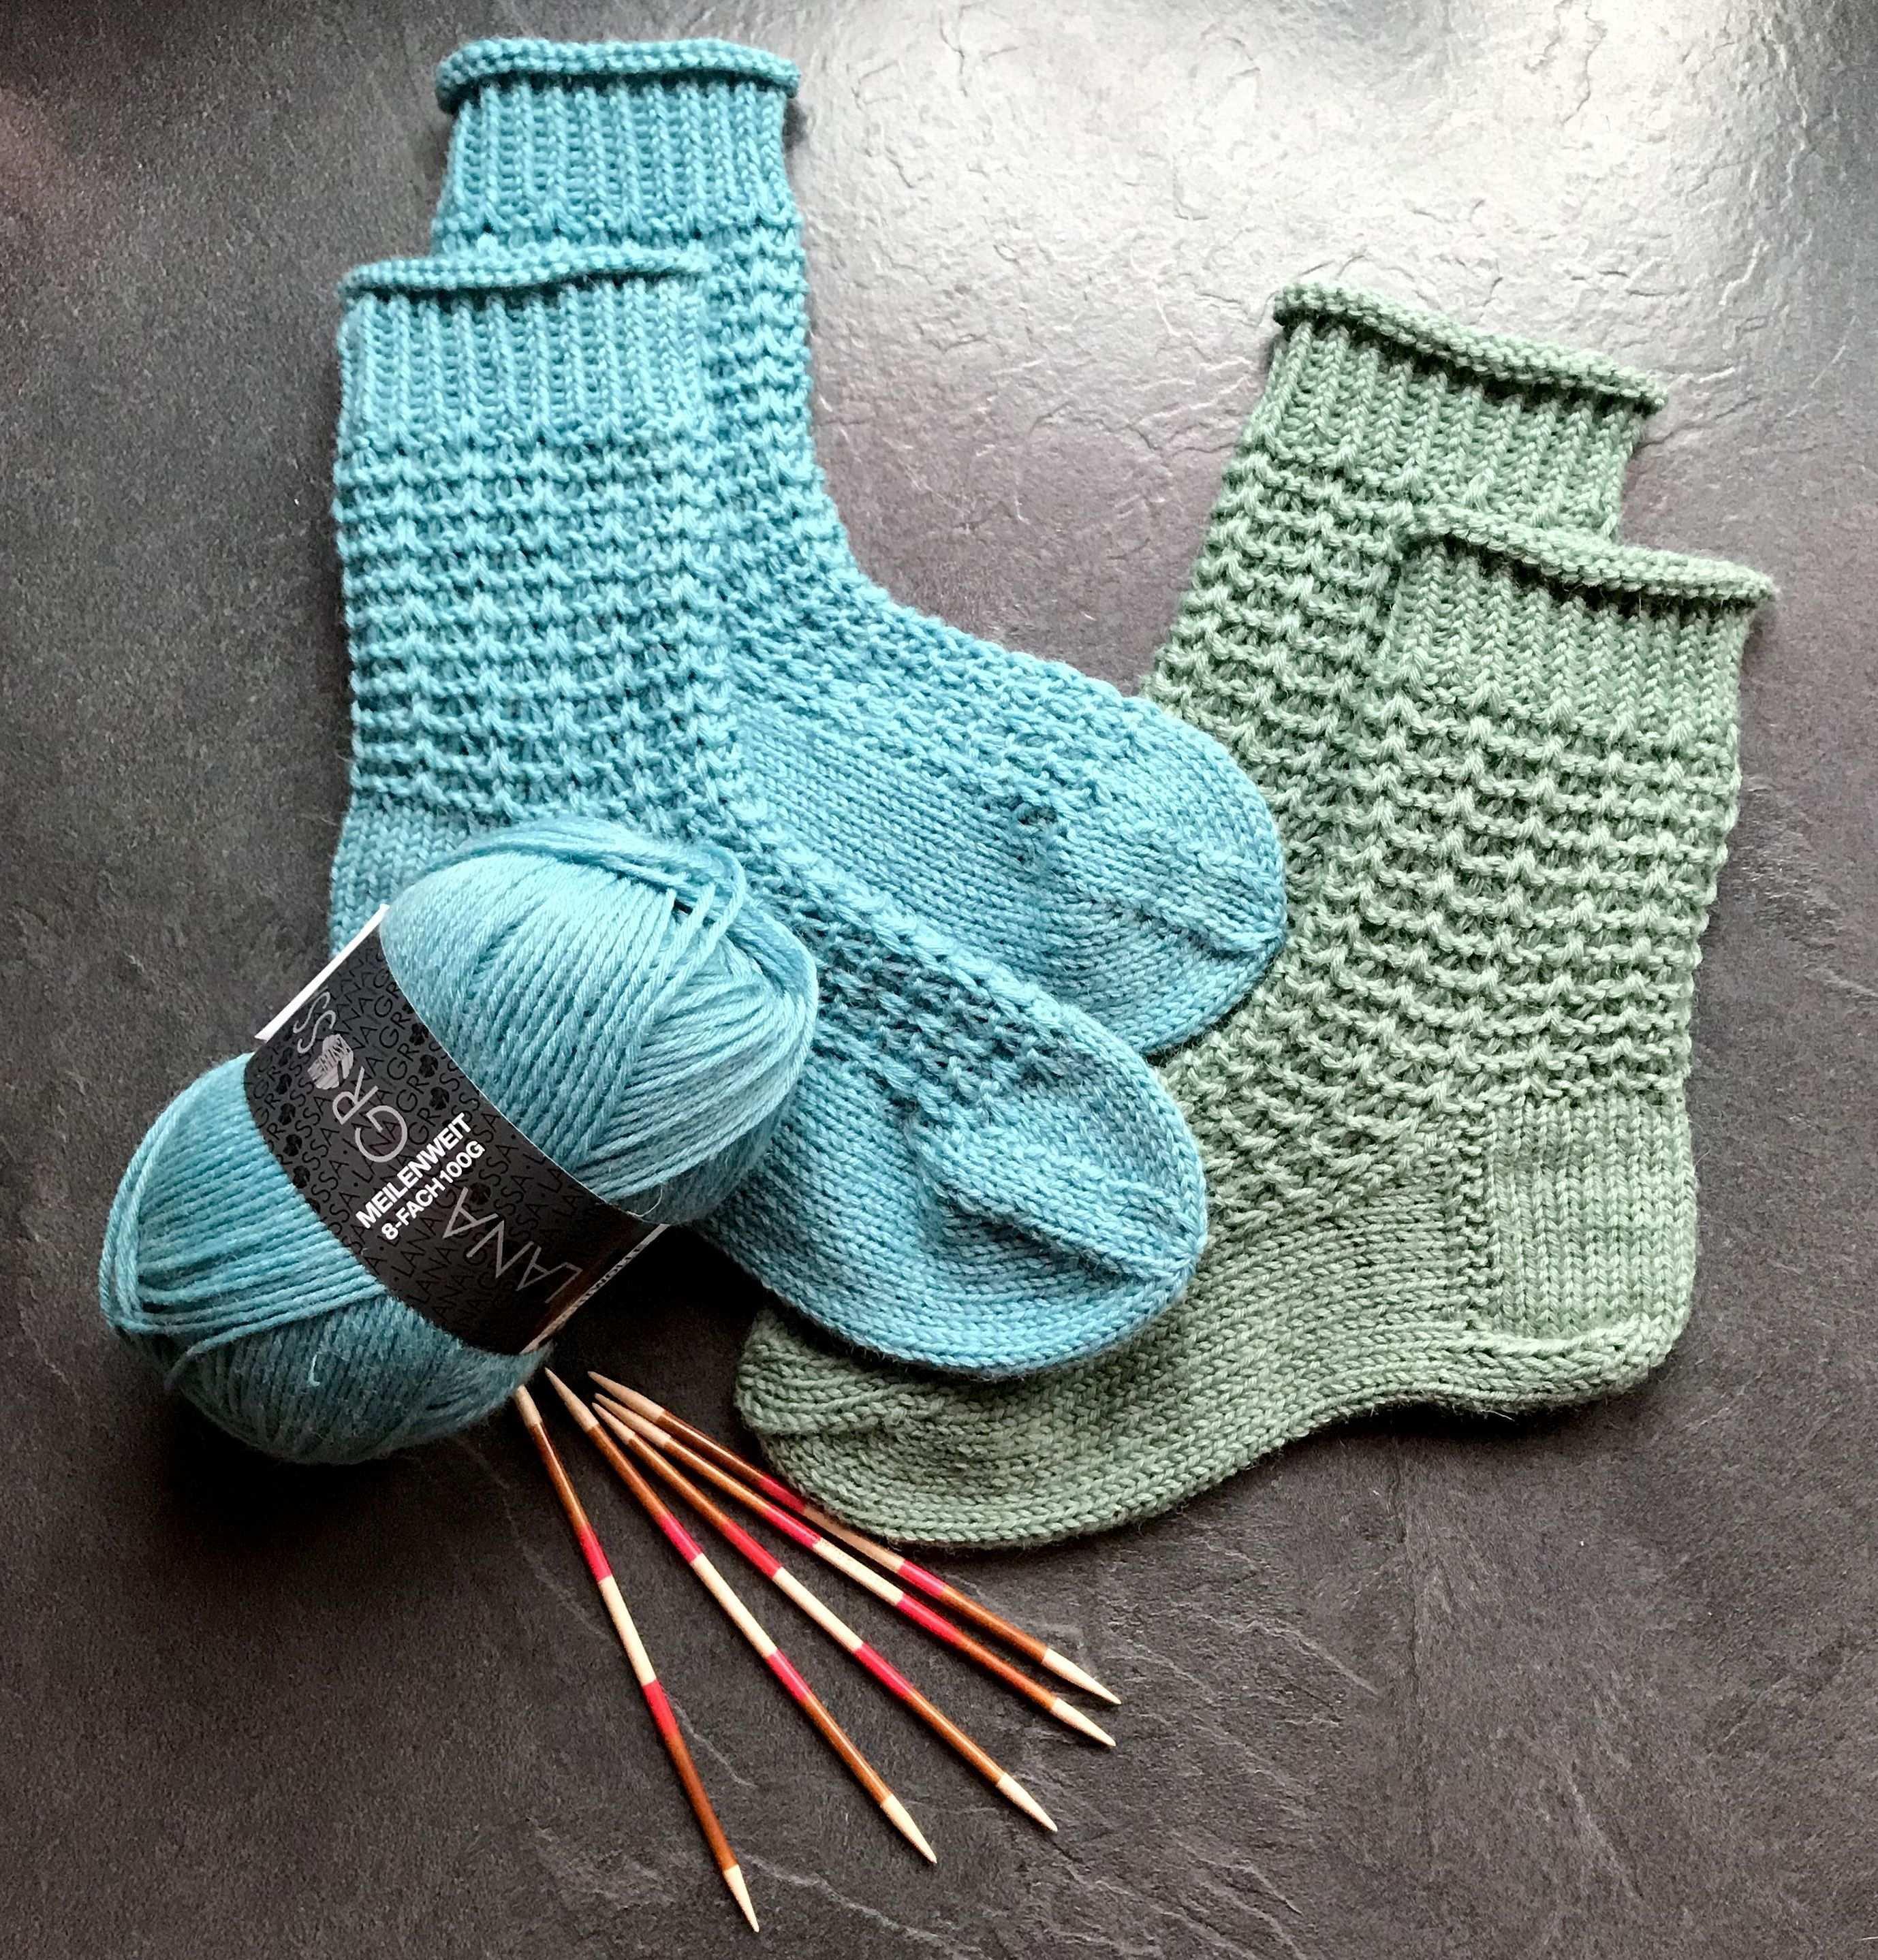 Dicke Socken Socken Stricken Dicke Socken Socken Stricken Anfanger